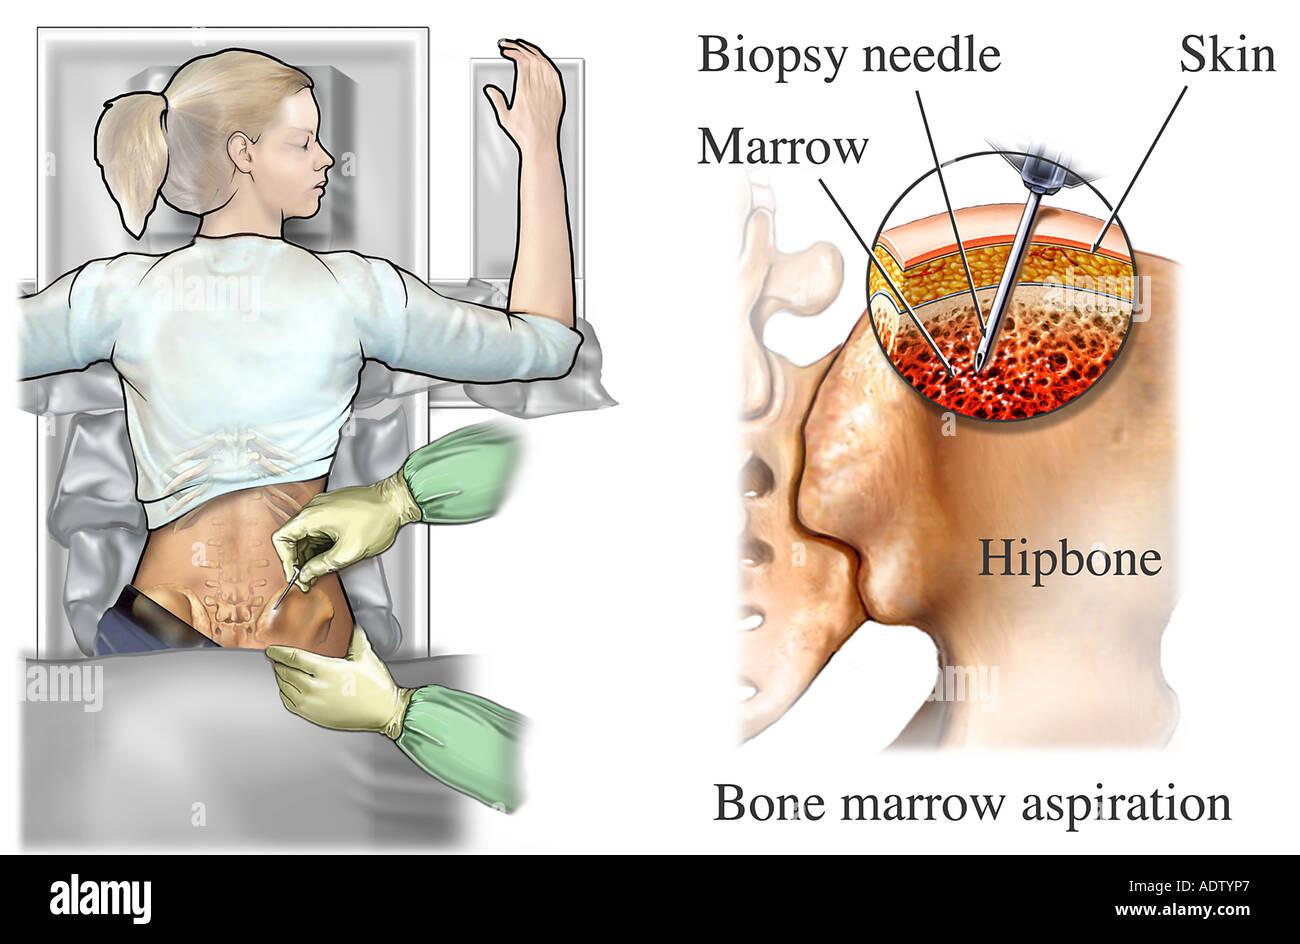 Aspiración de médula ósea Imagen De Stock